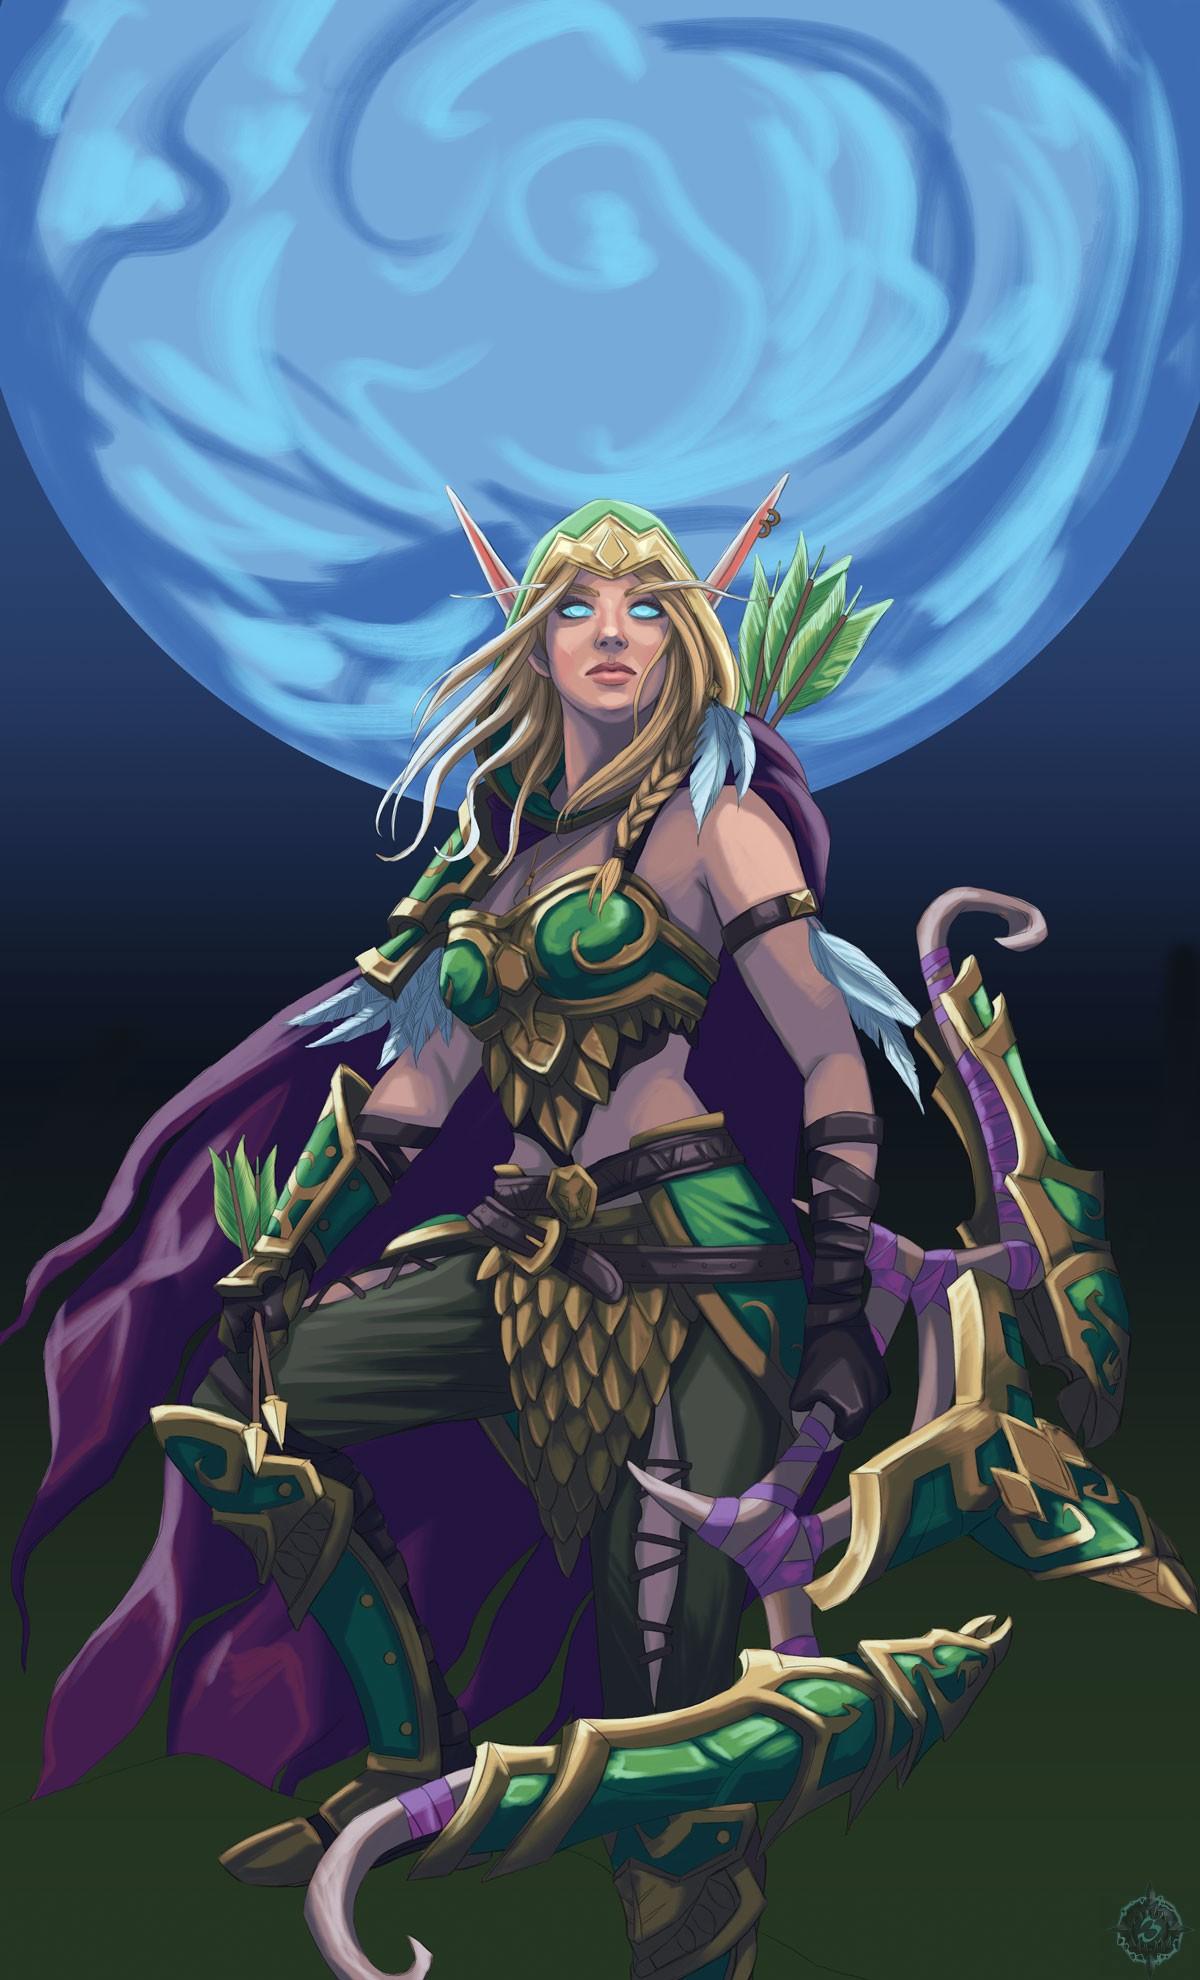 Alleria Correventos | World of WarCraft, WarCraft, wow, azeroth, lore